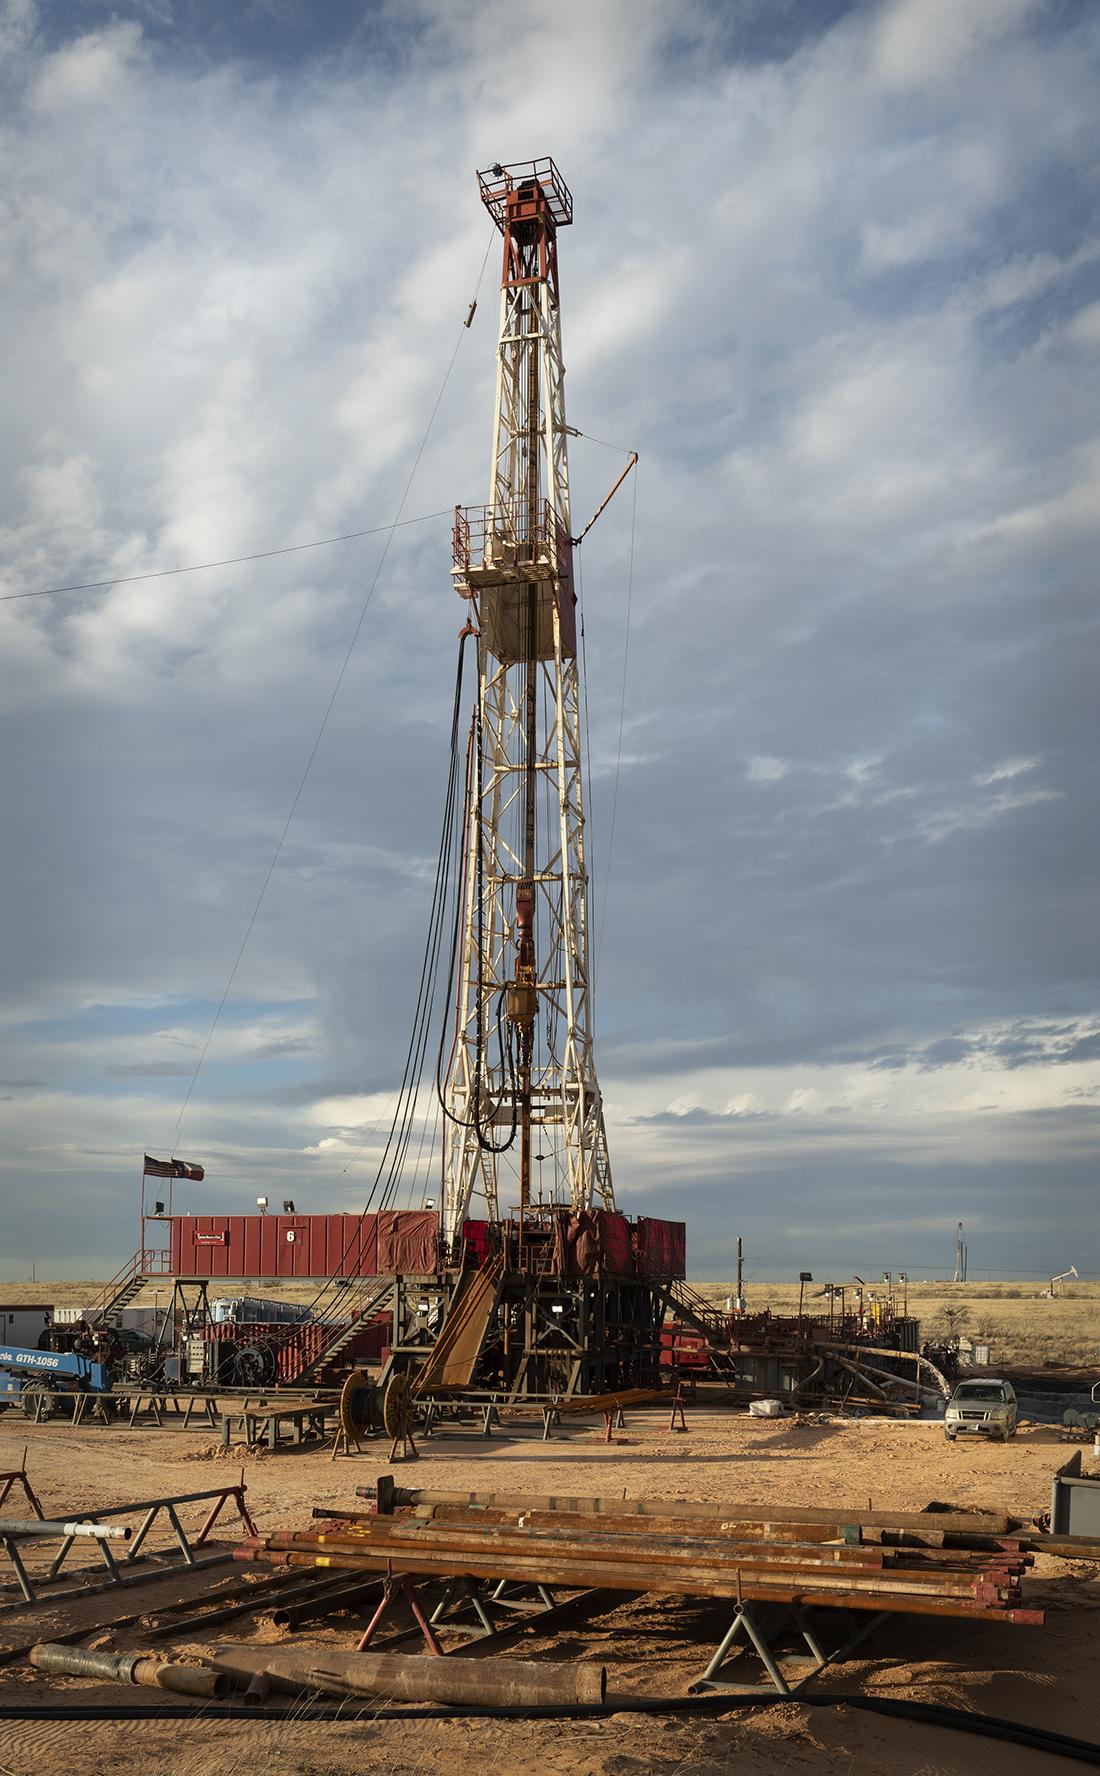 Oil Rig Panoramic 7 B 8 x 12.9.jpg